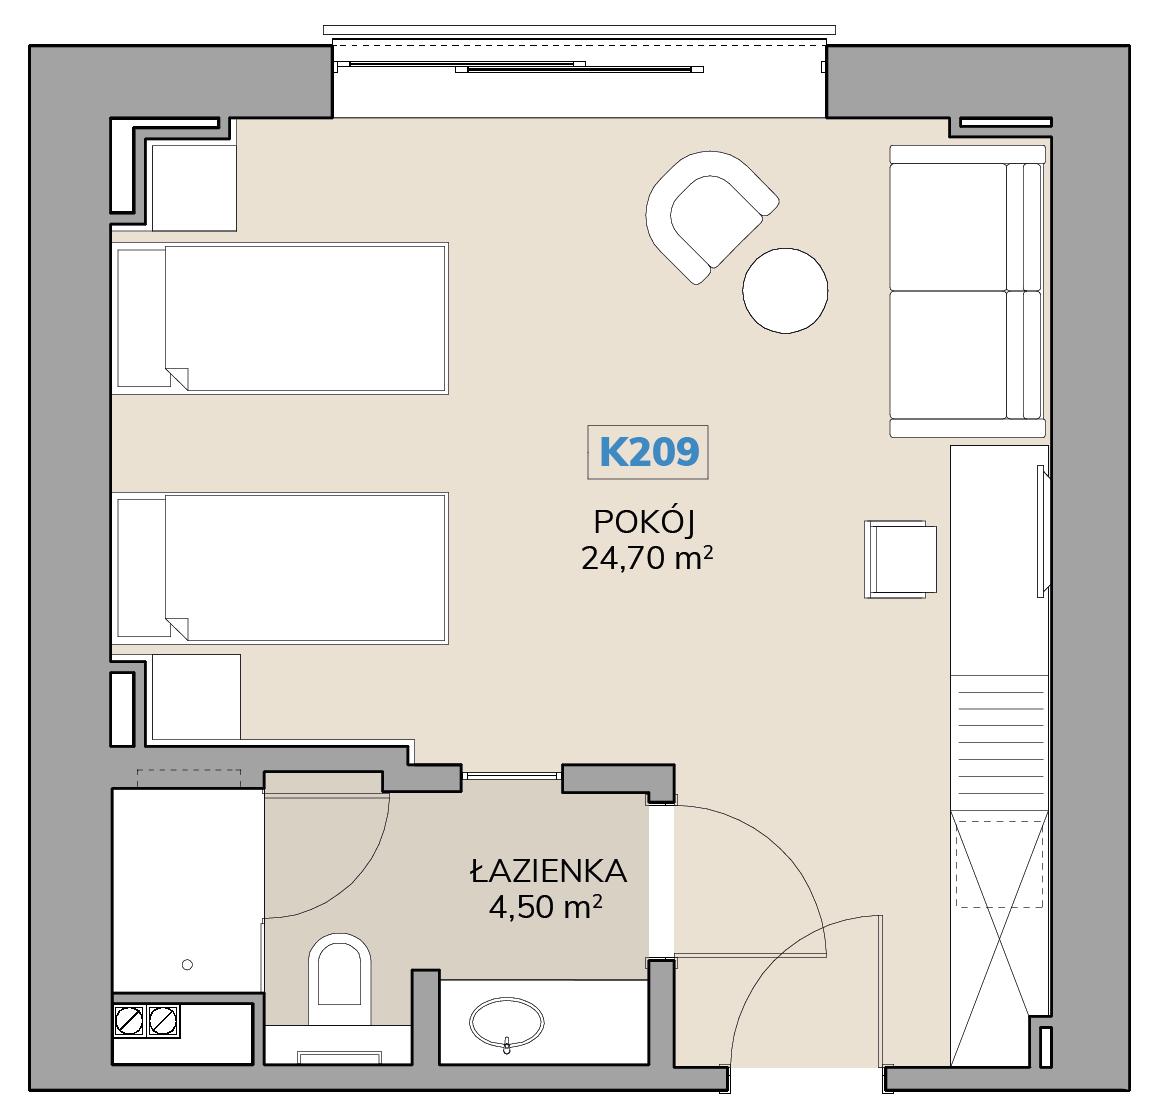 Apartament K209